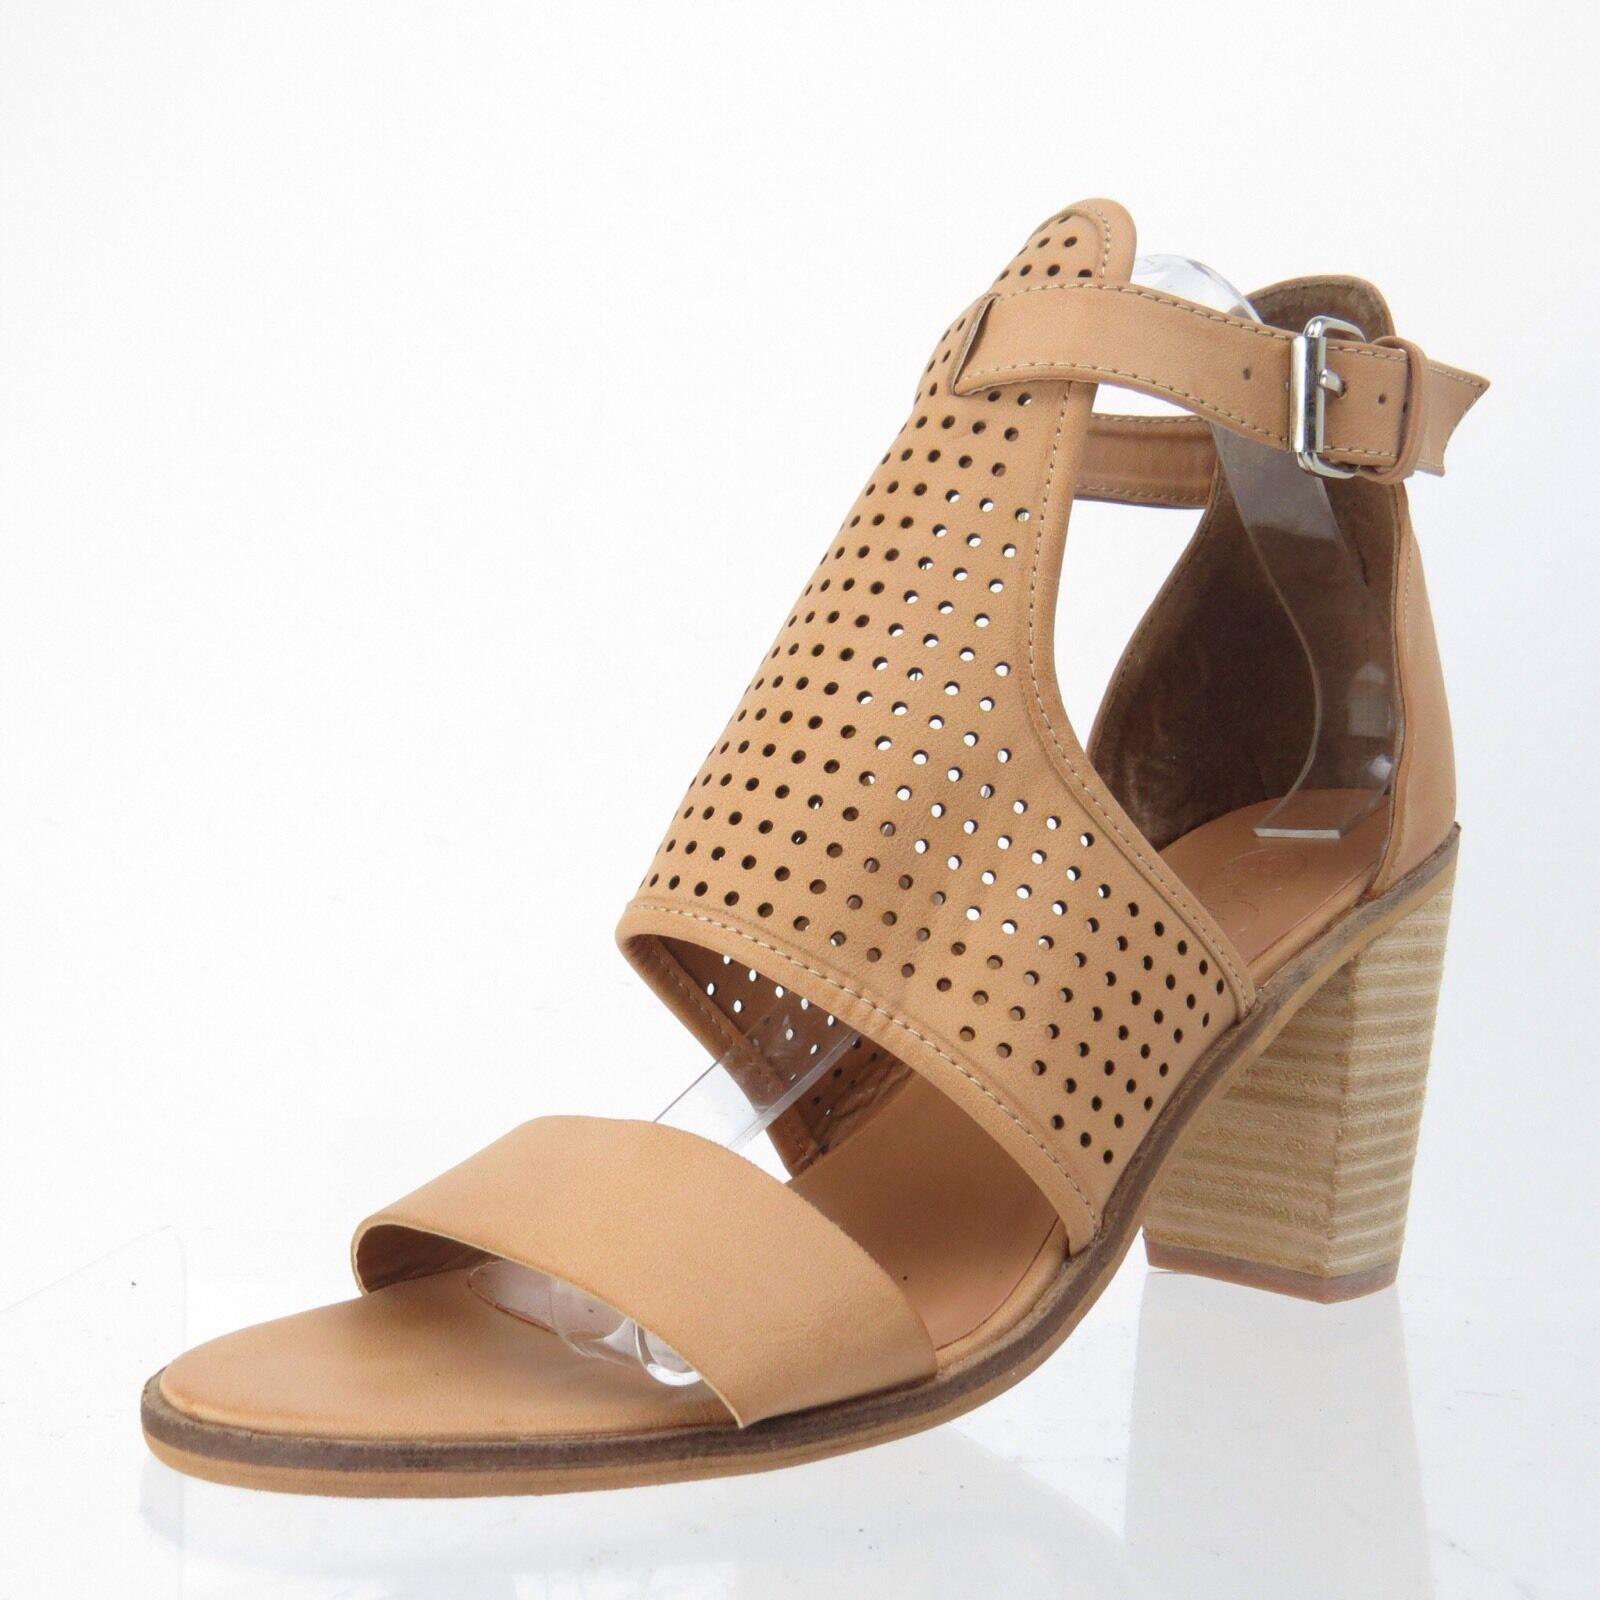 Women's Sandals Shoes MODERN REBEL Pascal Heel Tan Open Toe Sandals Women's Size 9 M NEW d9339b